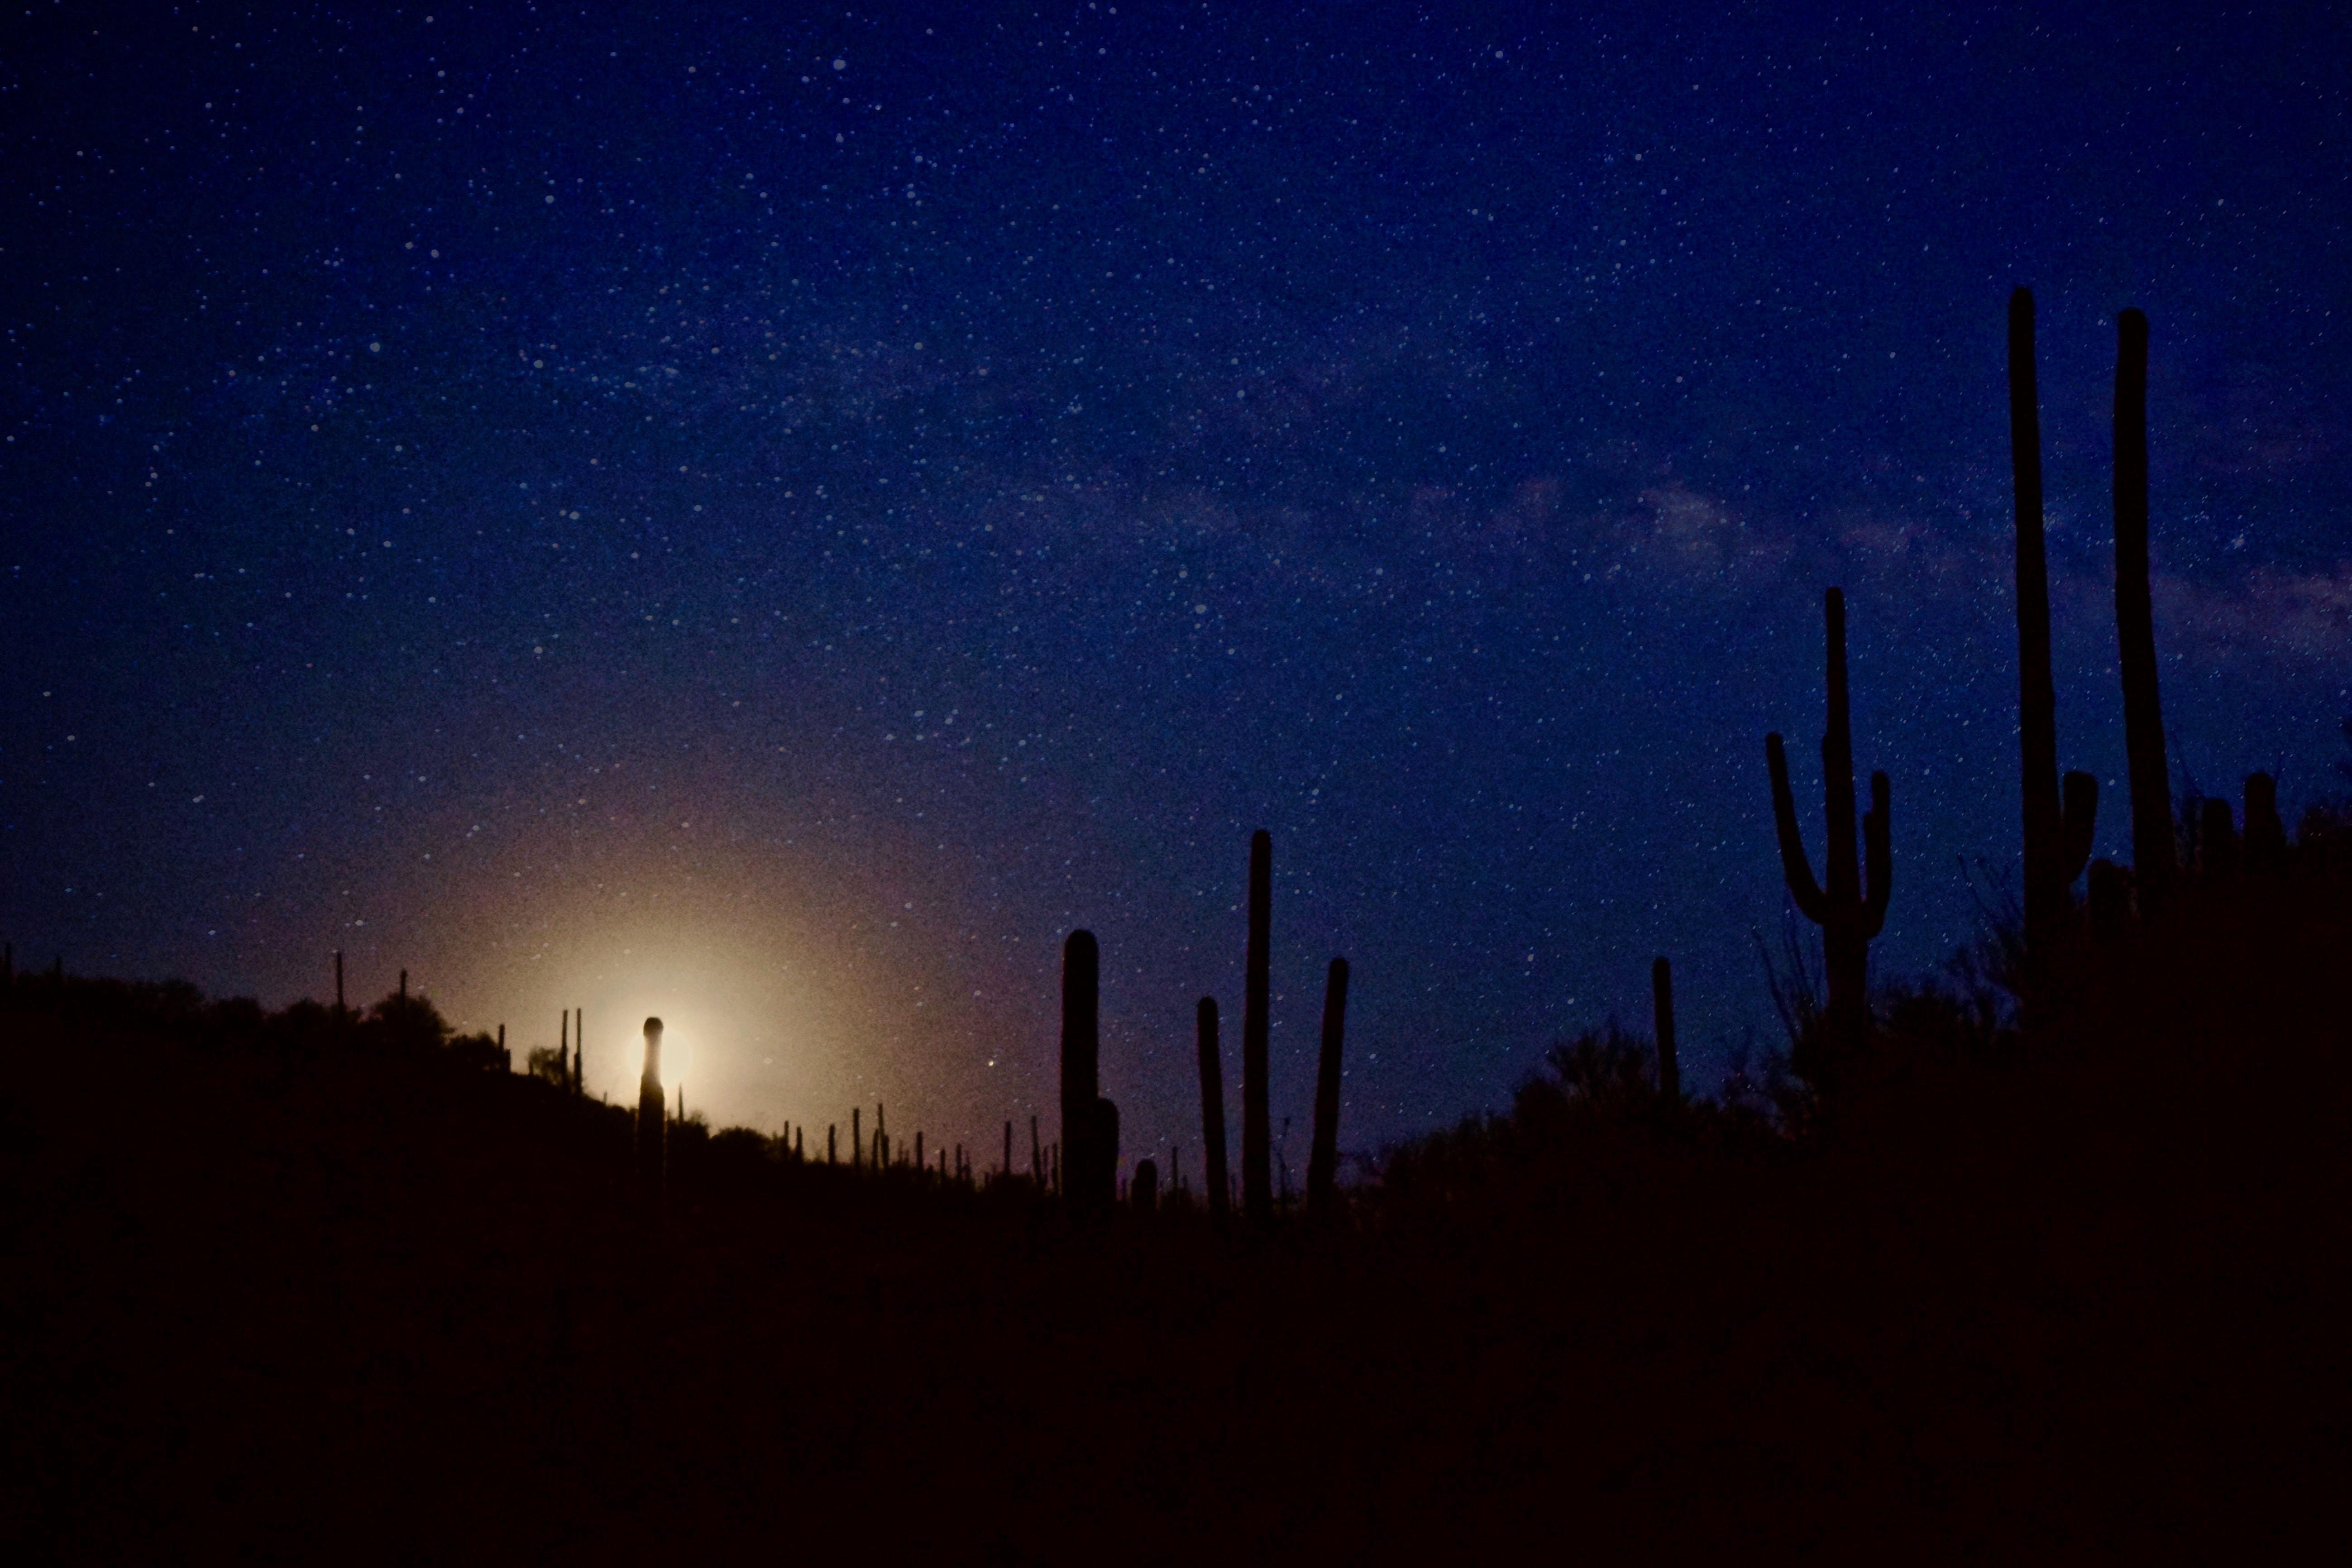 Sunrise at Mount Lemmon with the sky full of stars over the desert landscape.